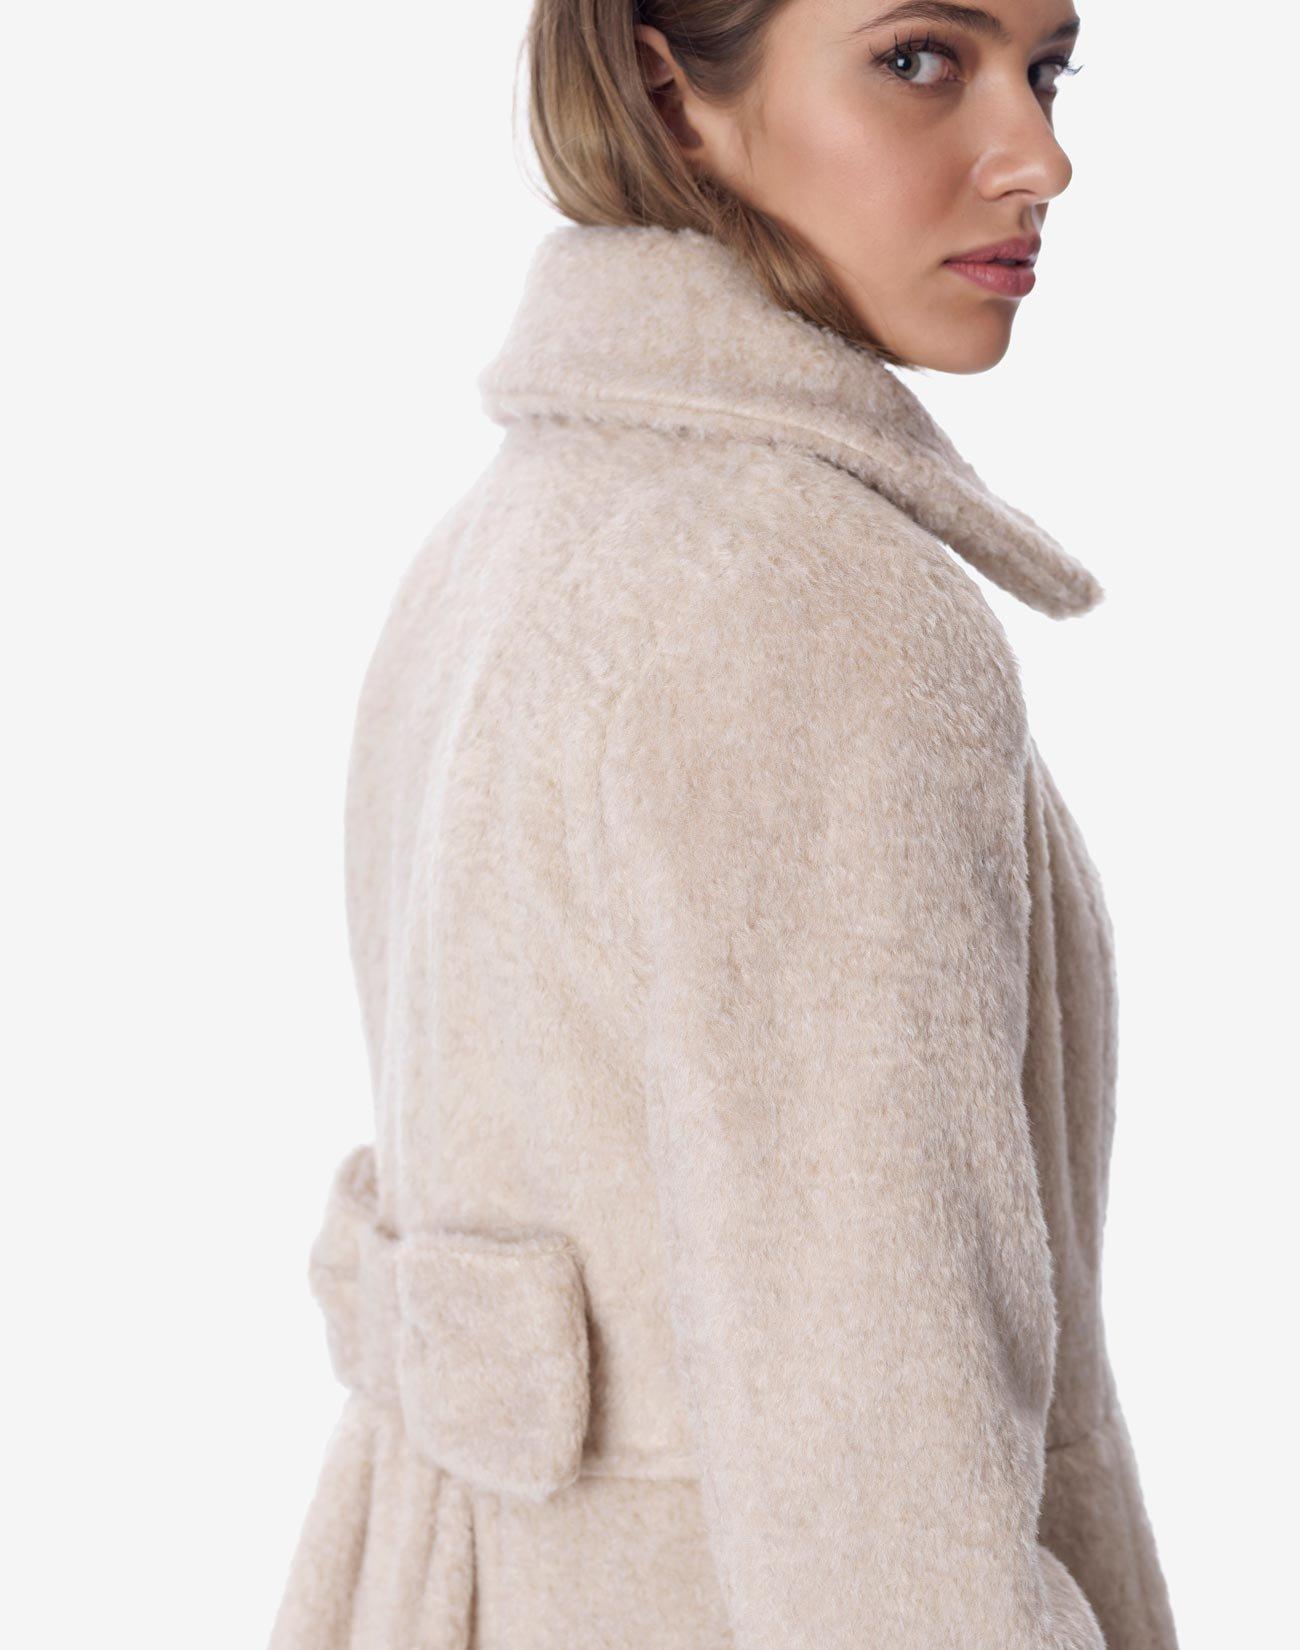 Σταυρωτό παλτό με φιόγκο